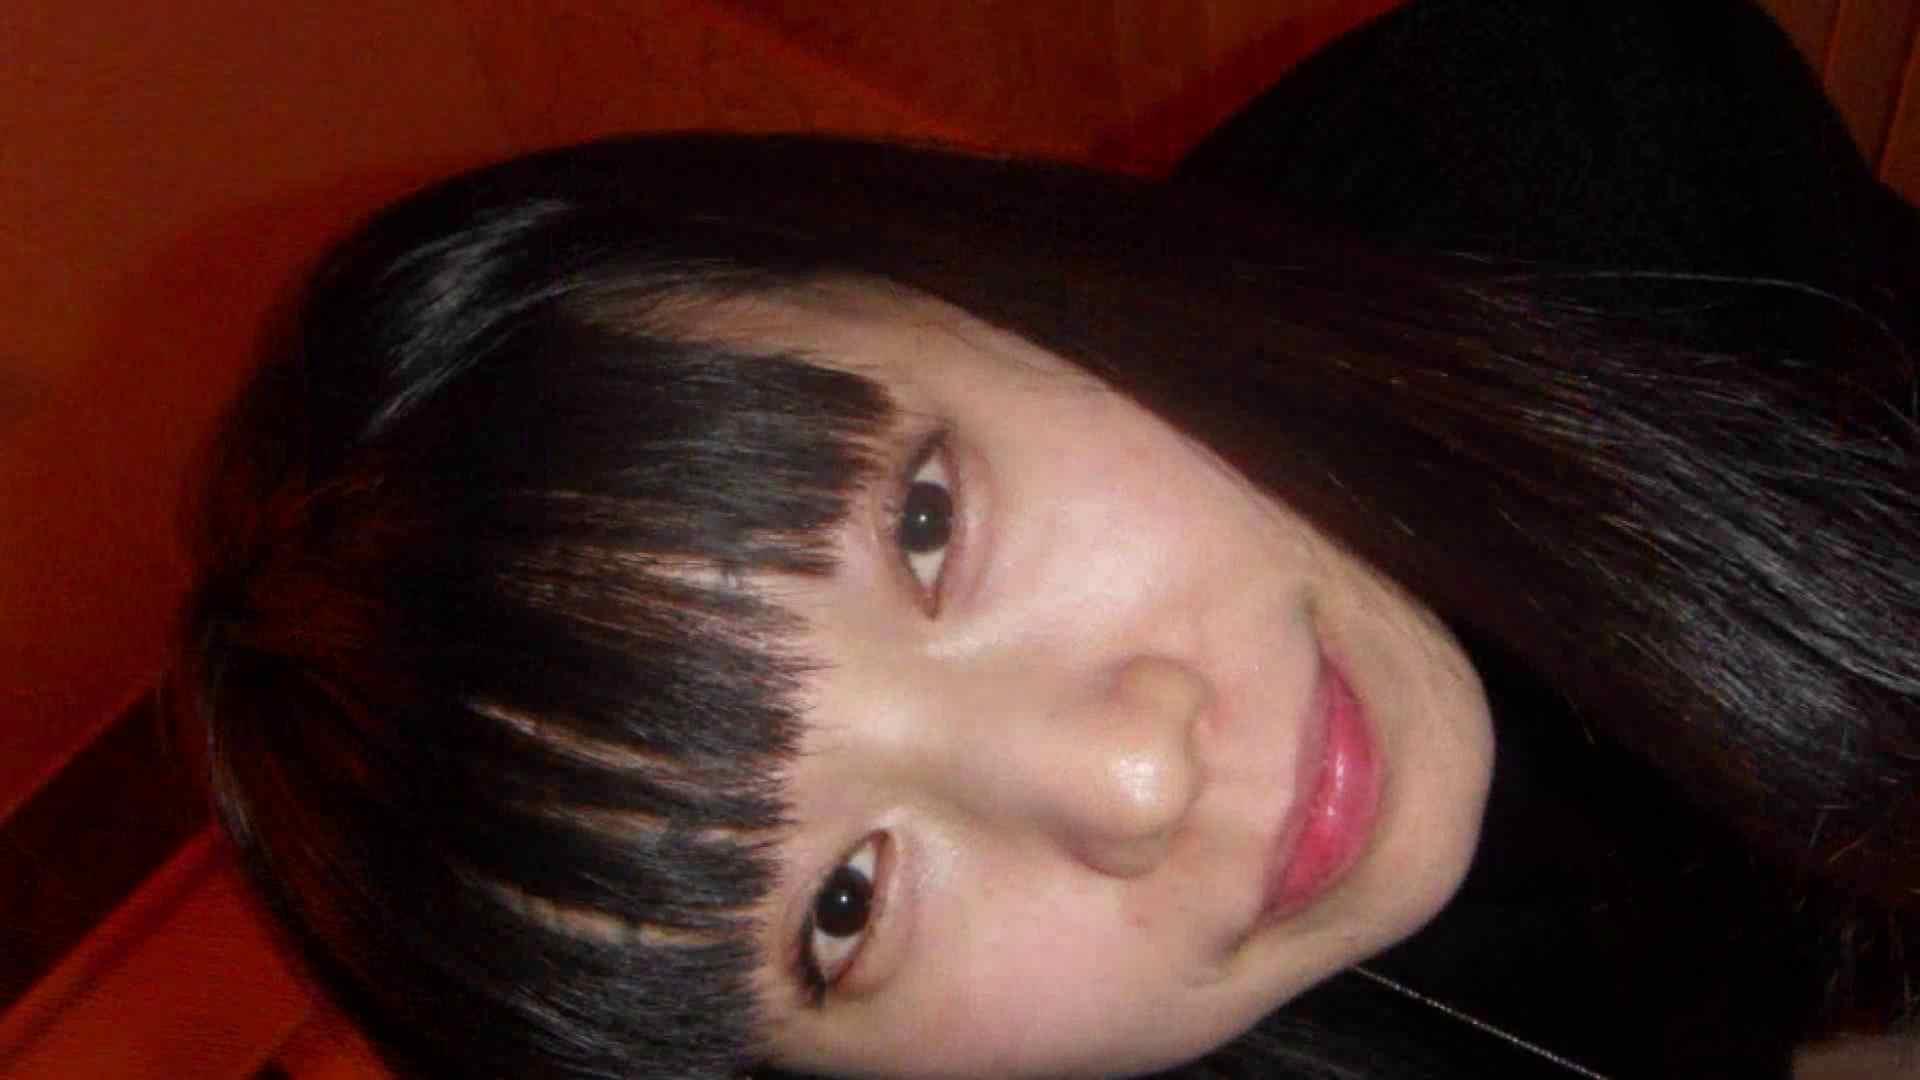 キレイに撮れるんです!No12!韓国流出編Vol.15 美人 オメコ無修正動画無料 90連発 53